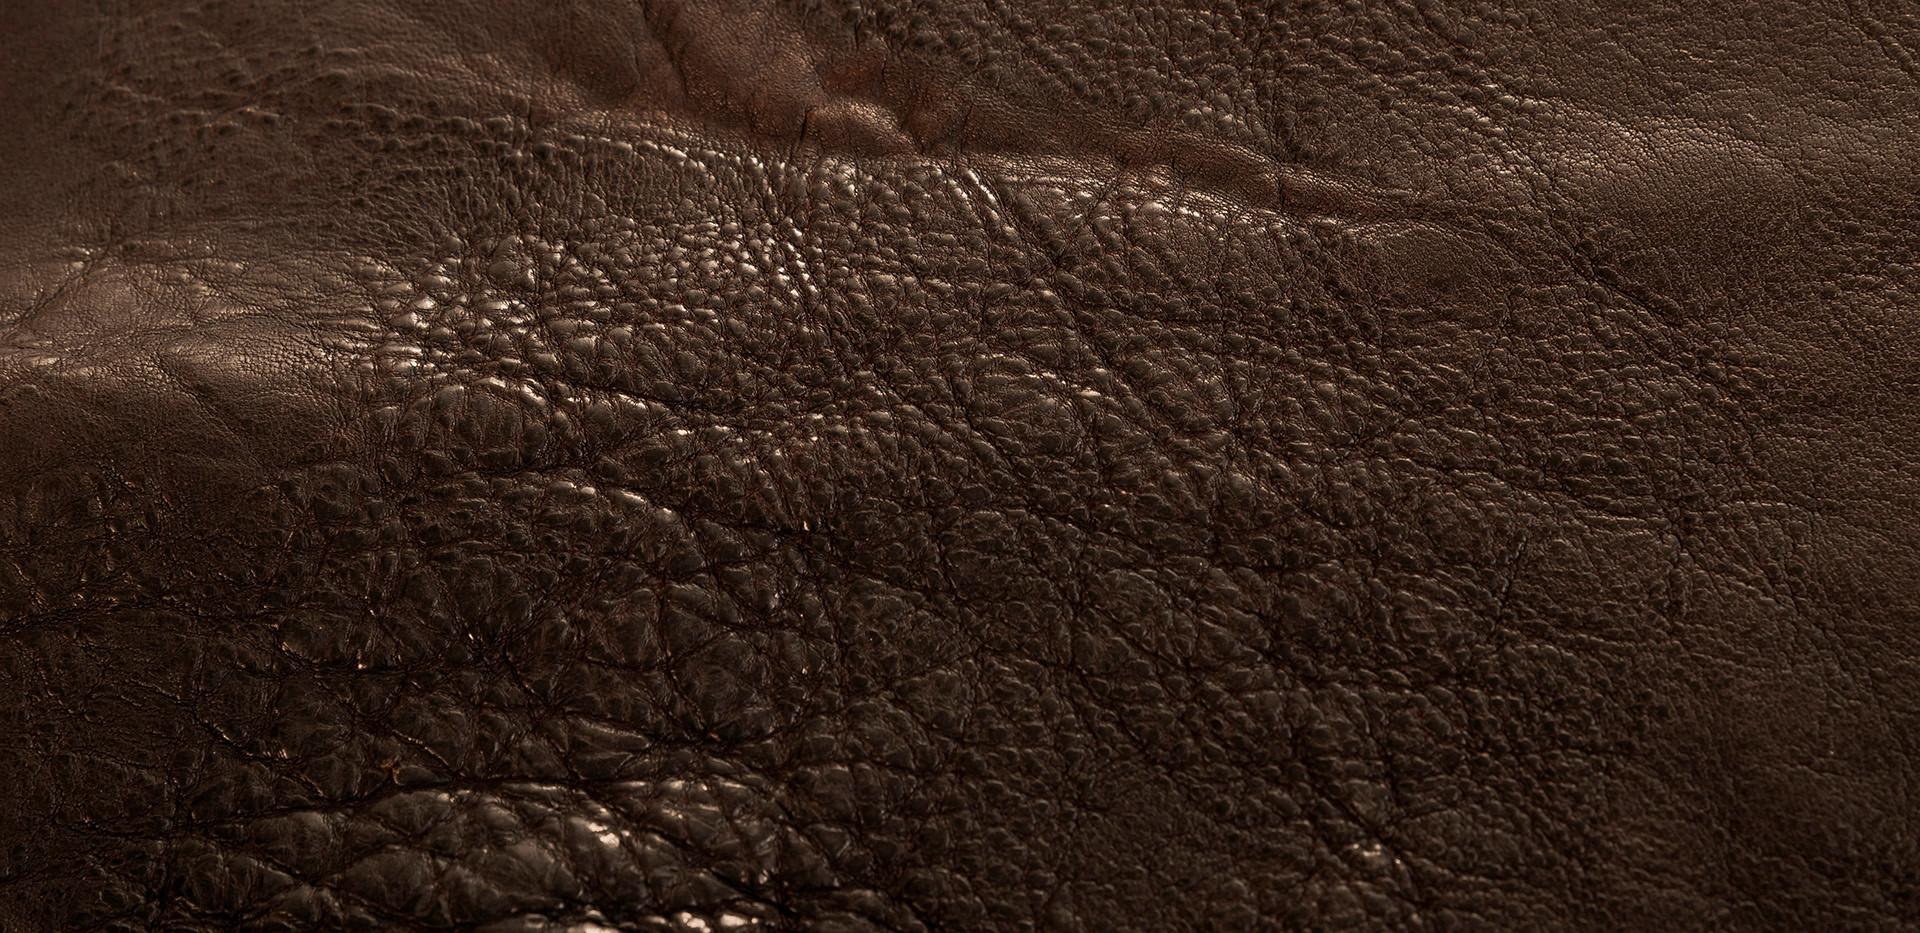 Grainside detail shrunken effect